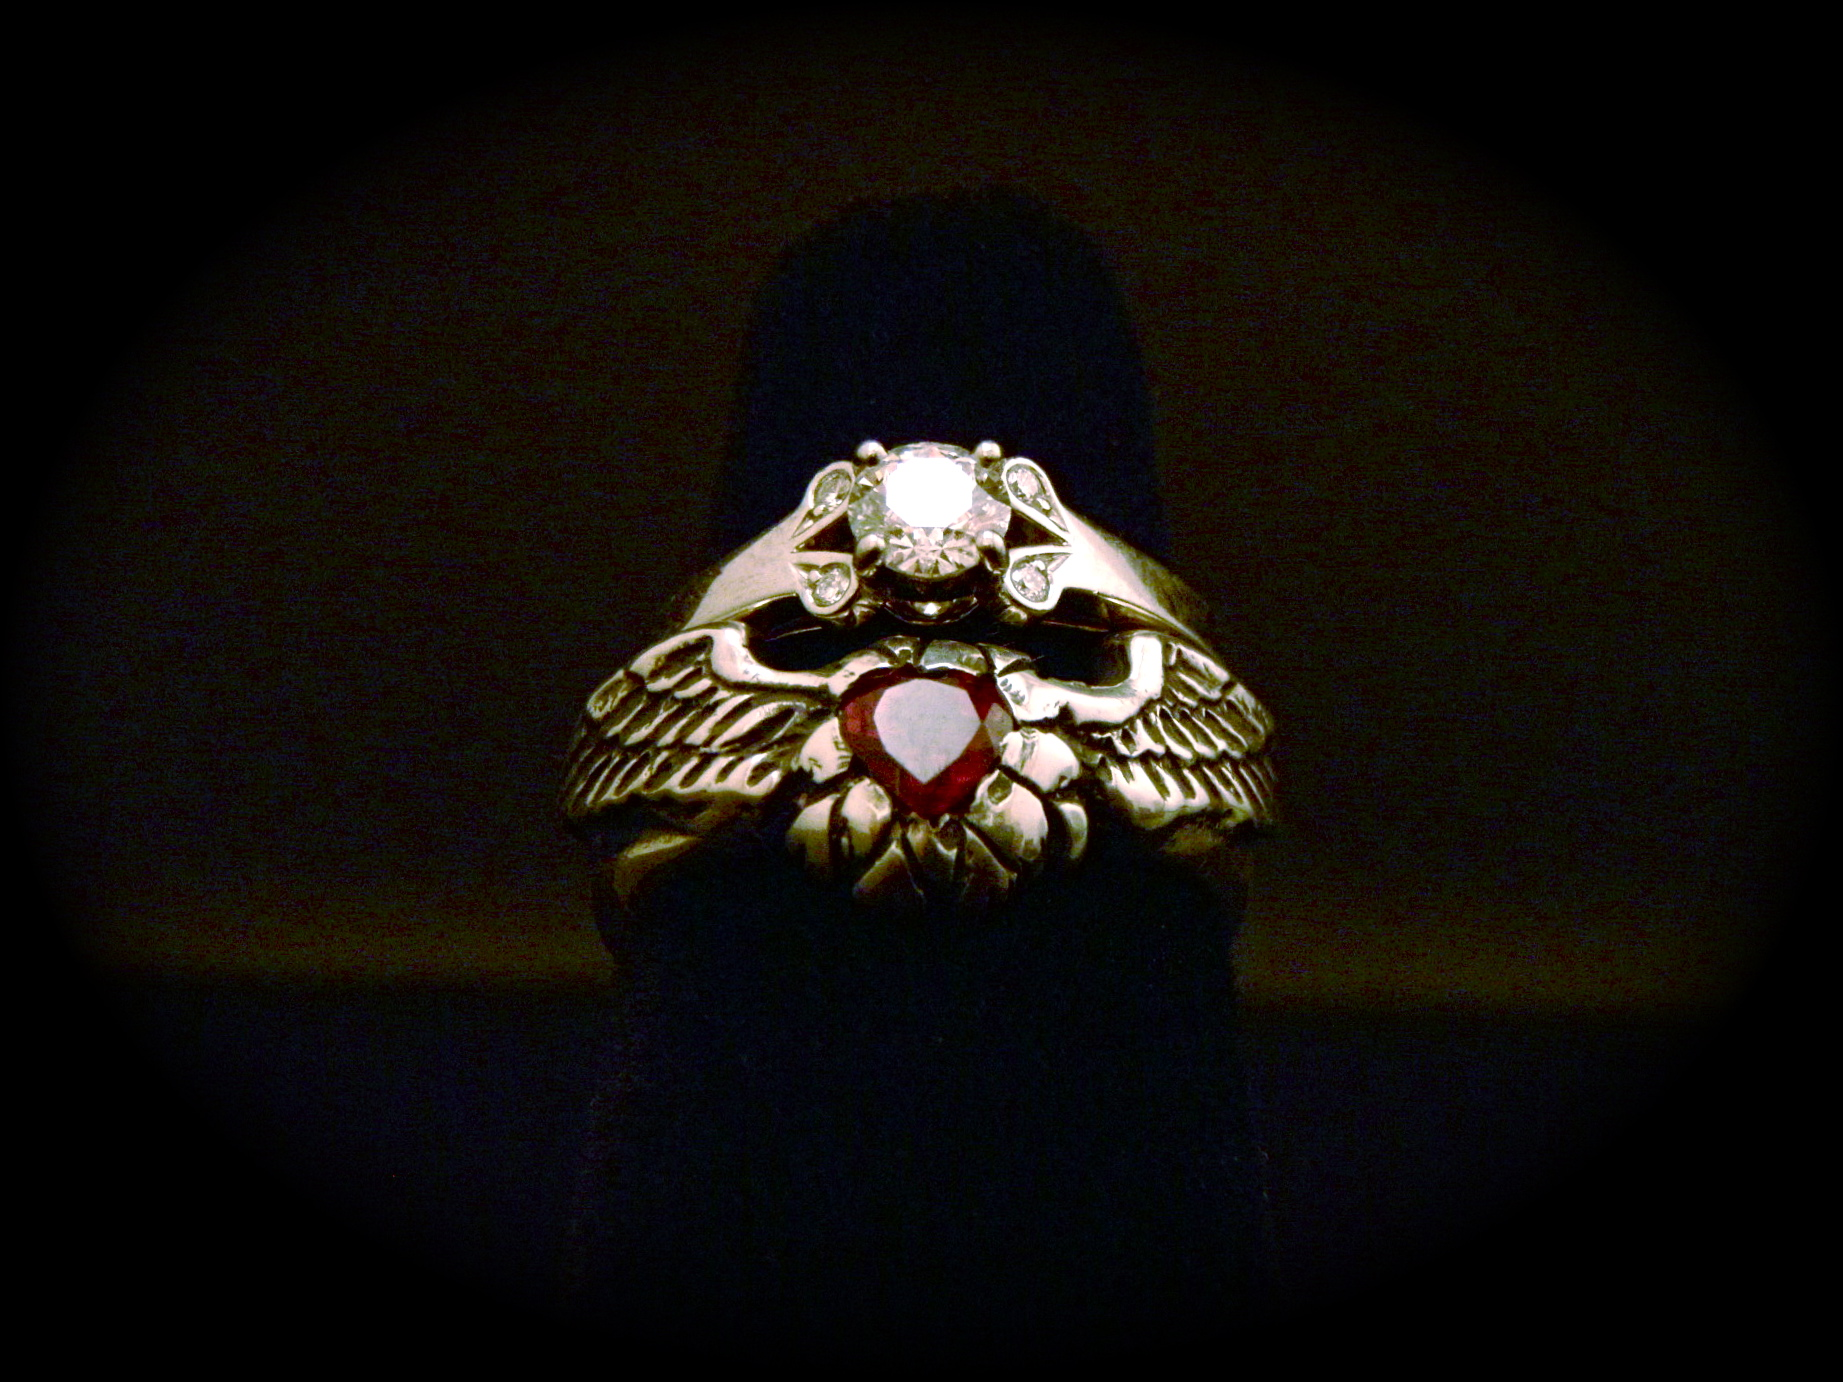 scott valeries 11 custom wedding rings handmade wedding rings Advertisements